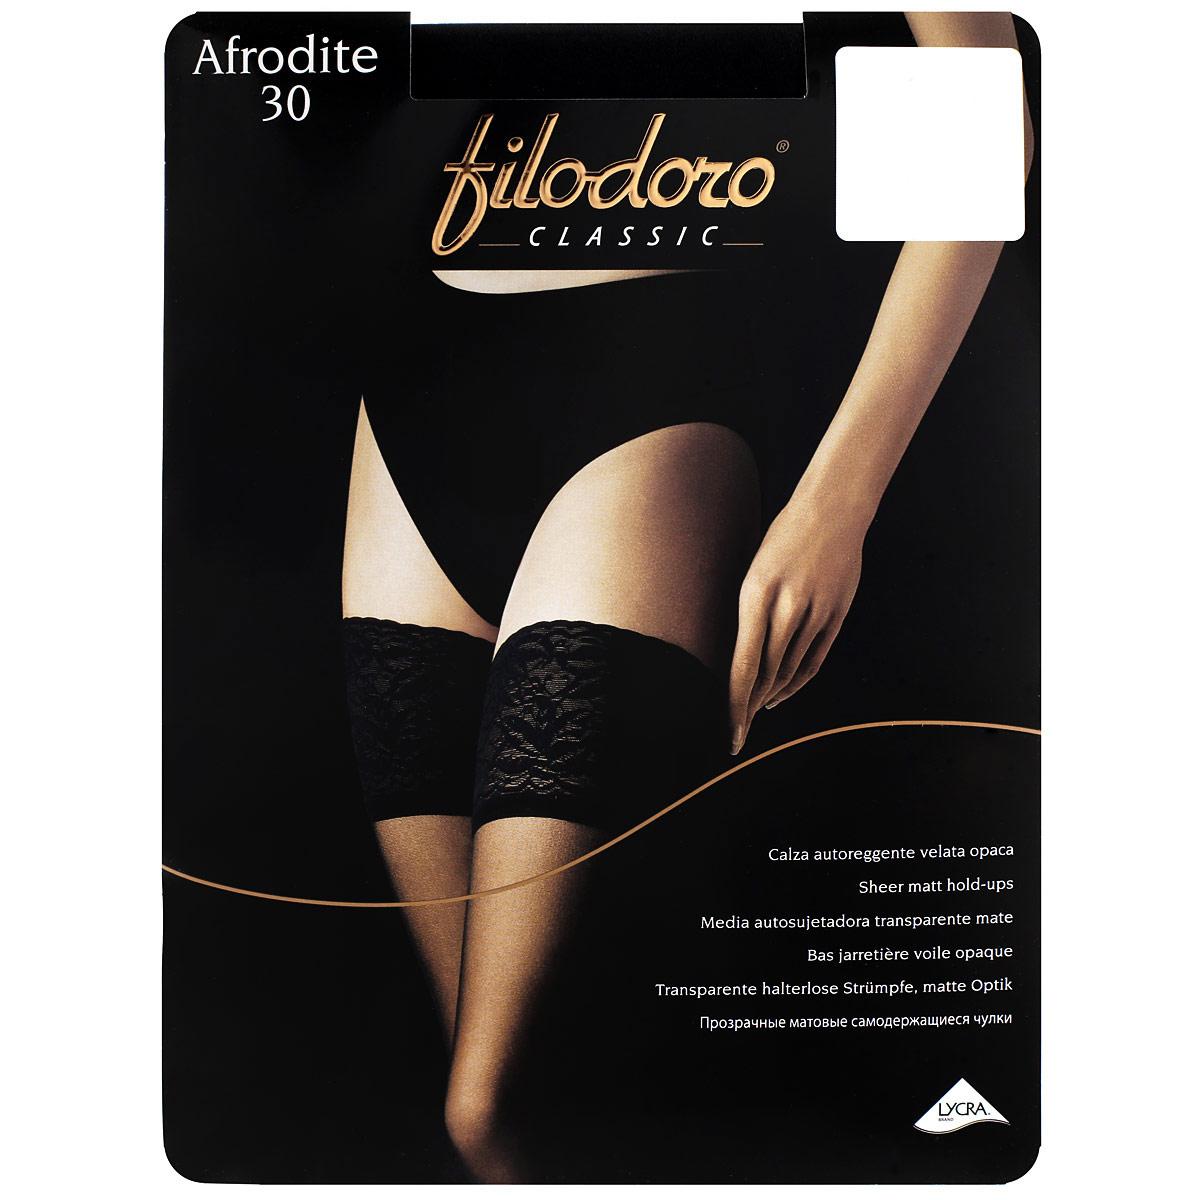 ЧулкиAfrodite 30_GlaceСоблазнительные чулки Filodoro Classic Afrodite с изысканной цветочной кружевной каймой и невидимым мыском. Резинка - на силиконовой основе. Плотность: 30 den.